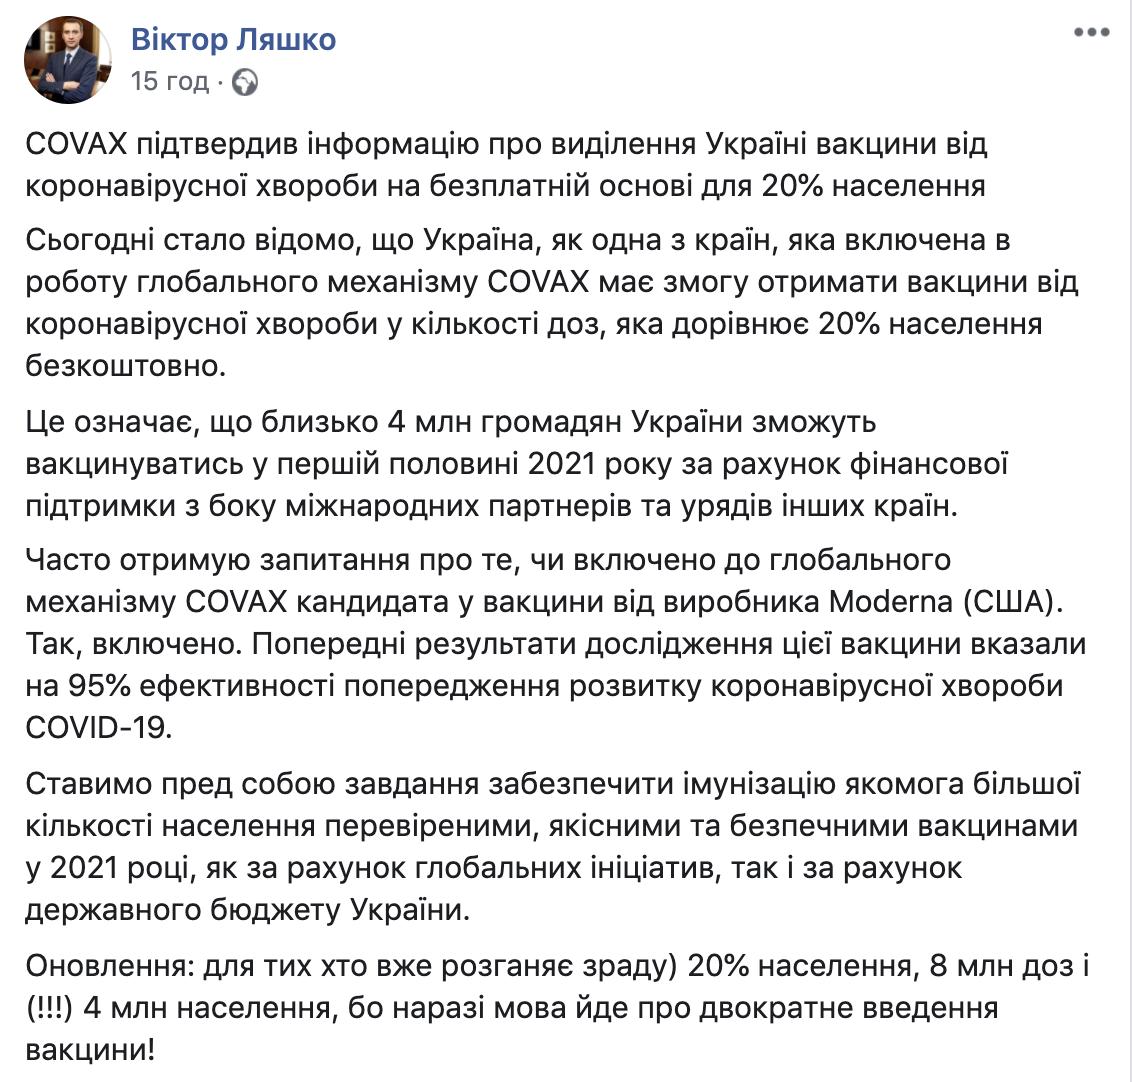 Україна безкоштовно отримає вакцину від коронавірусу для 20% населення — Ляшко, фото-1